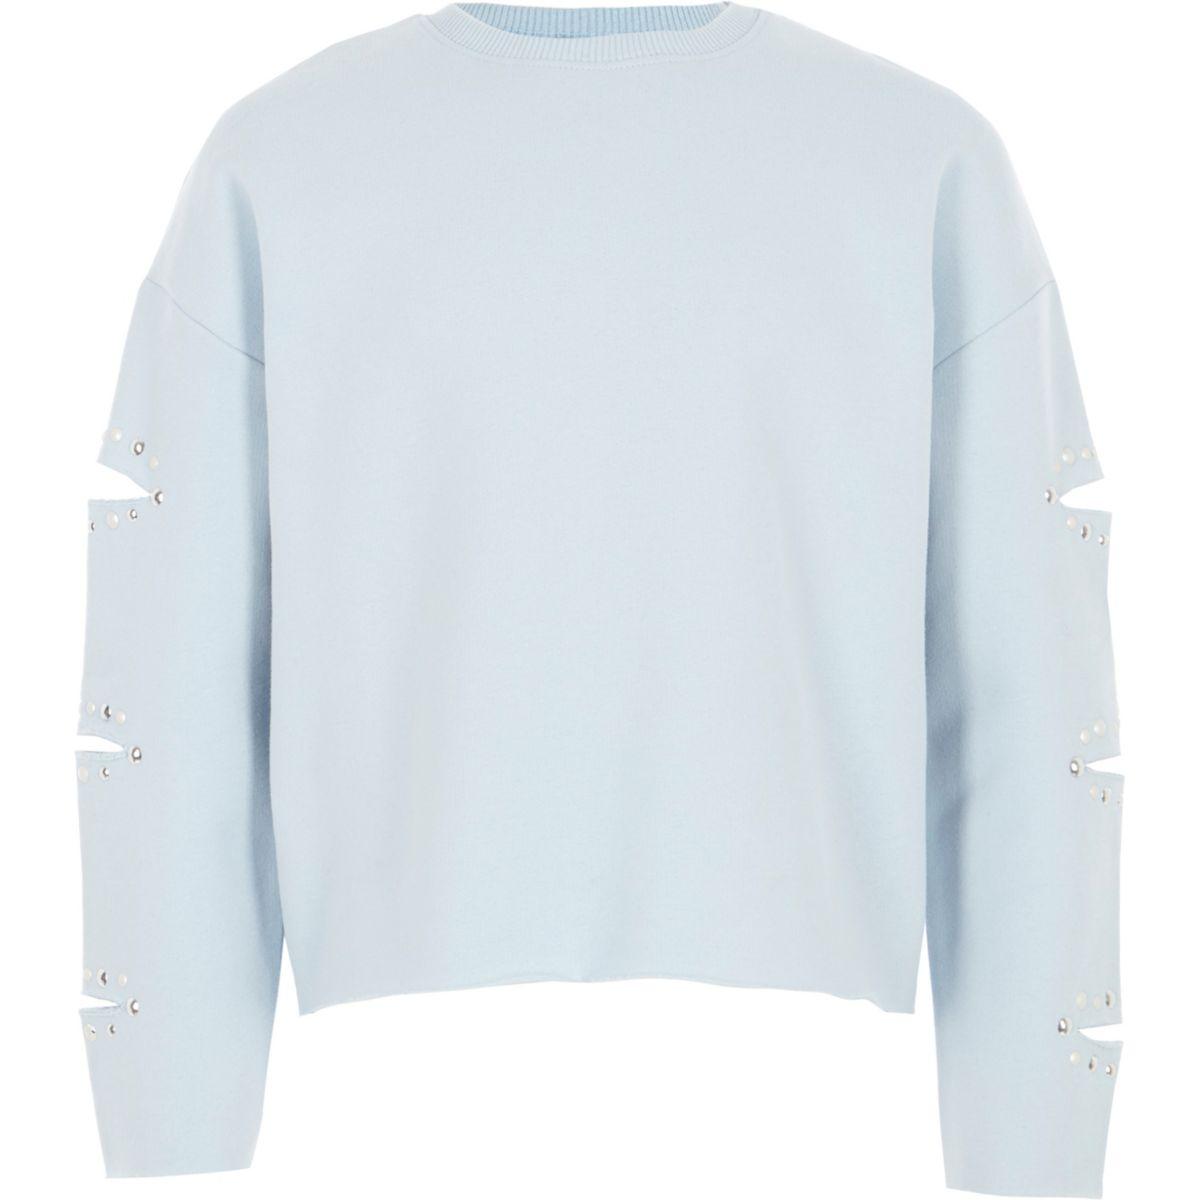 Hellblaues Sweatshirt mit geschlitzten Ärmeln